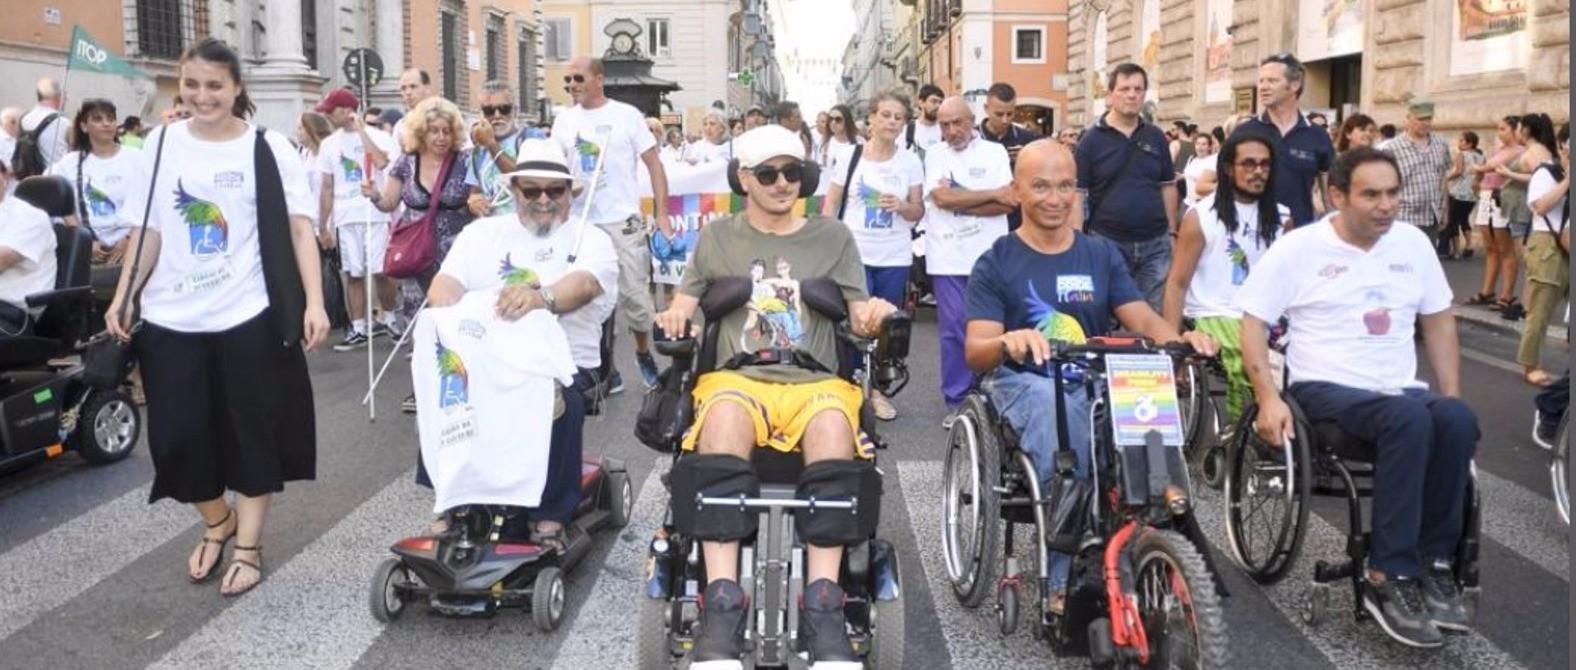 Riconoscimento e indipendenza: luglio mese del Disability Pride